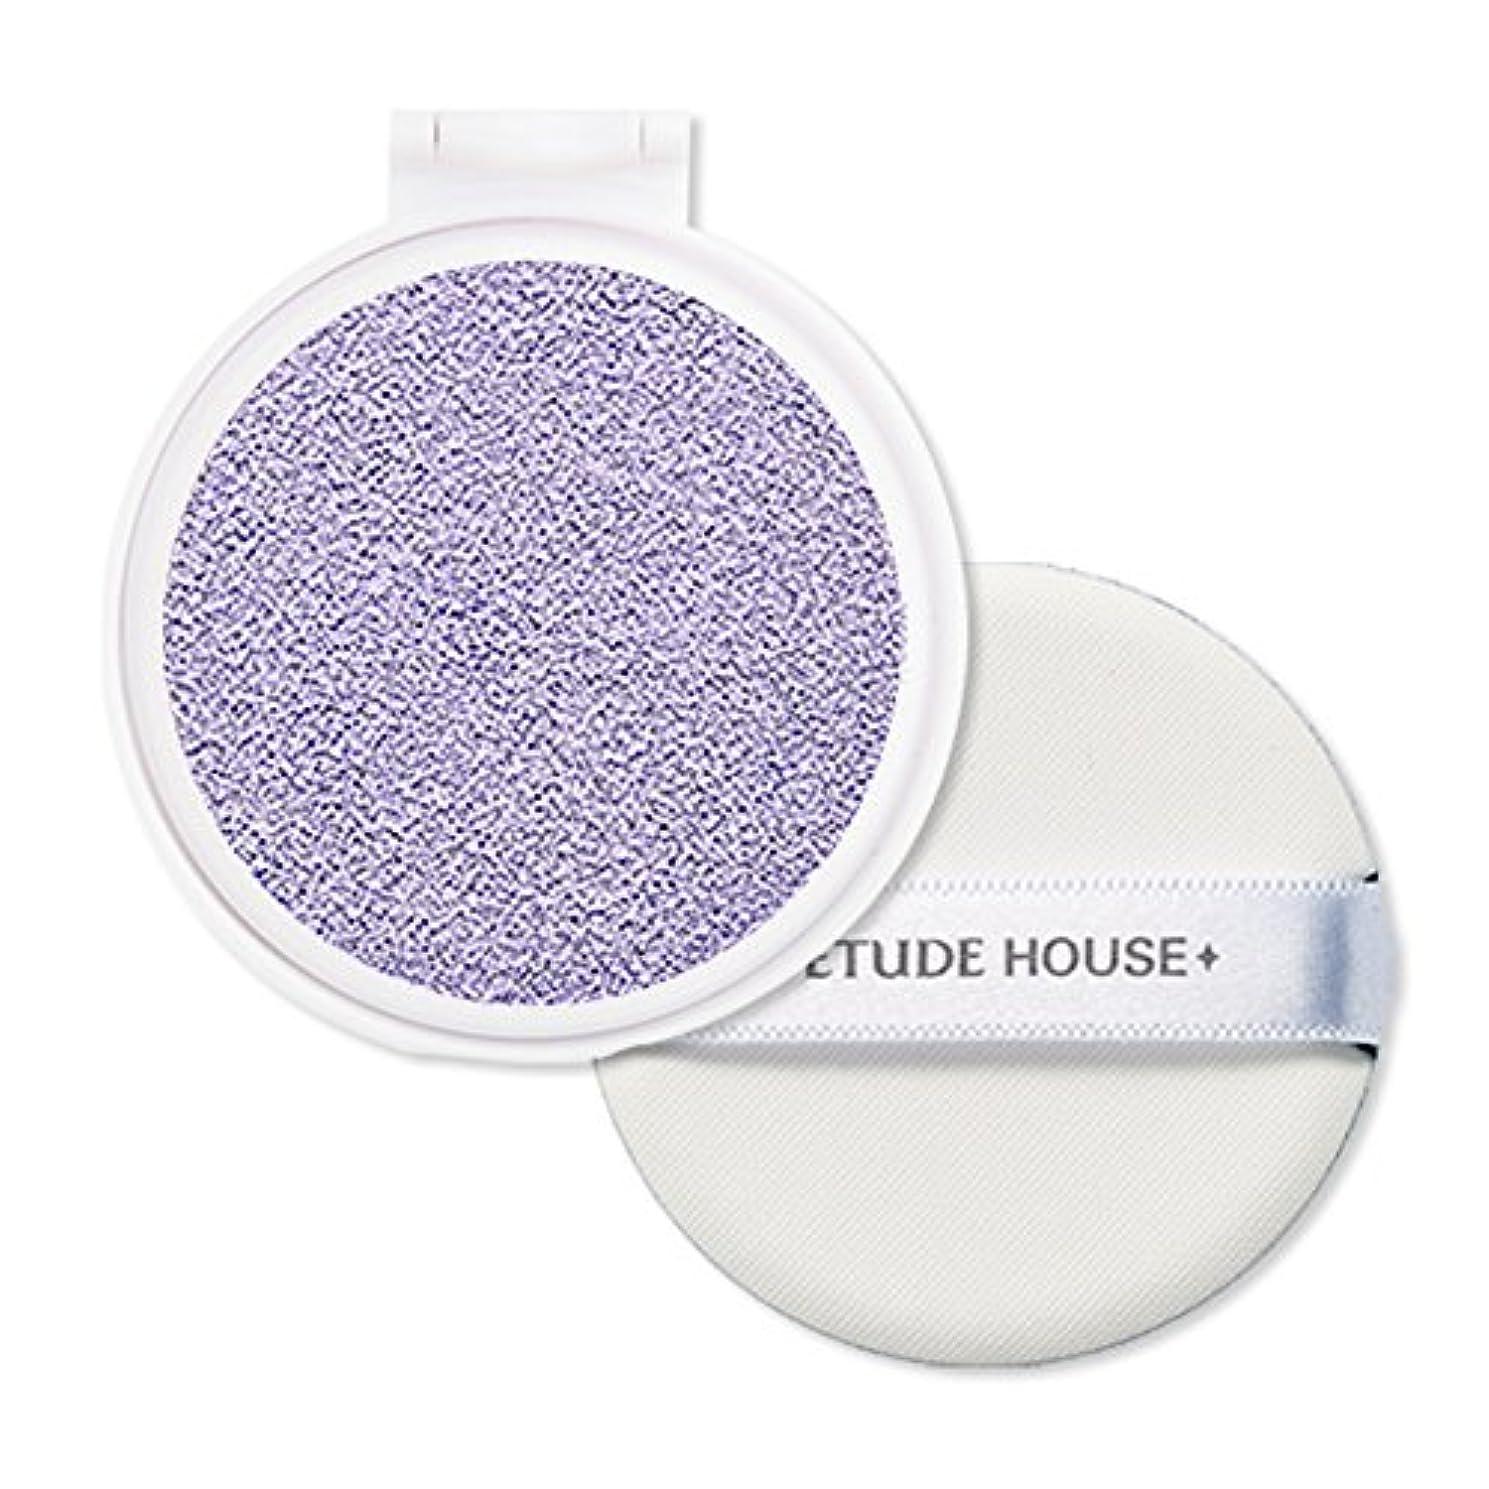 刻むチャーミング不完全なエチュードハウス(ETUDE HOUSE) エニークッション カラーコレクター レフィル Lavender